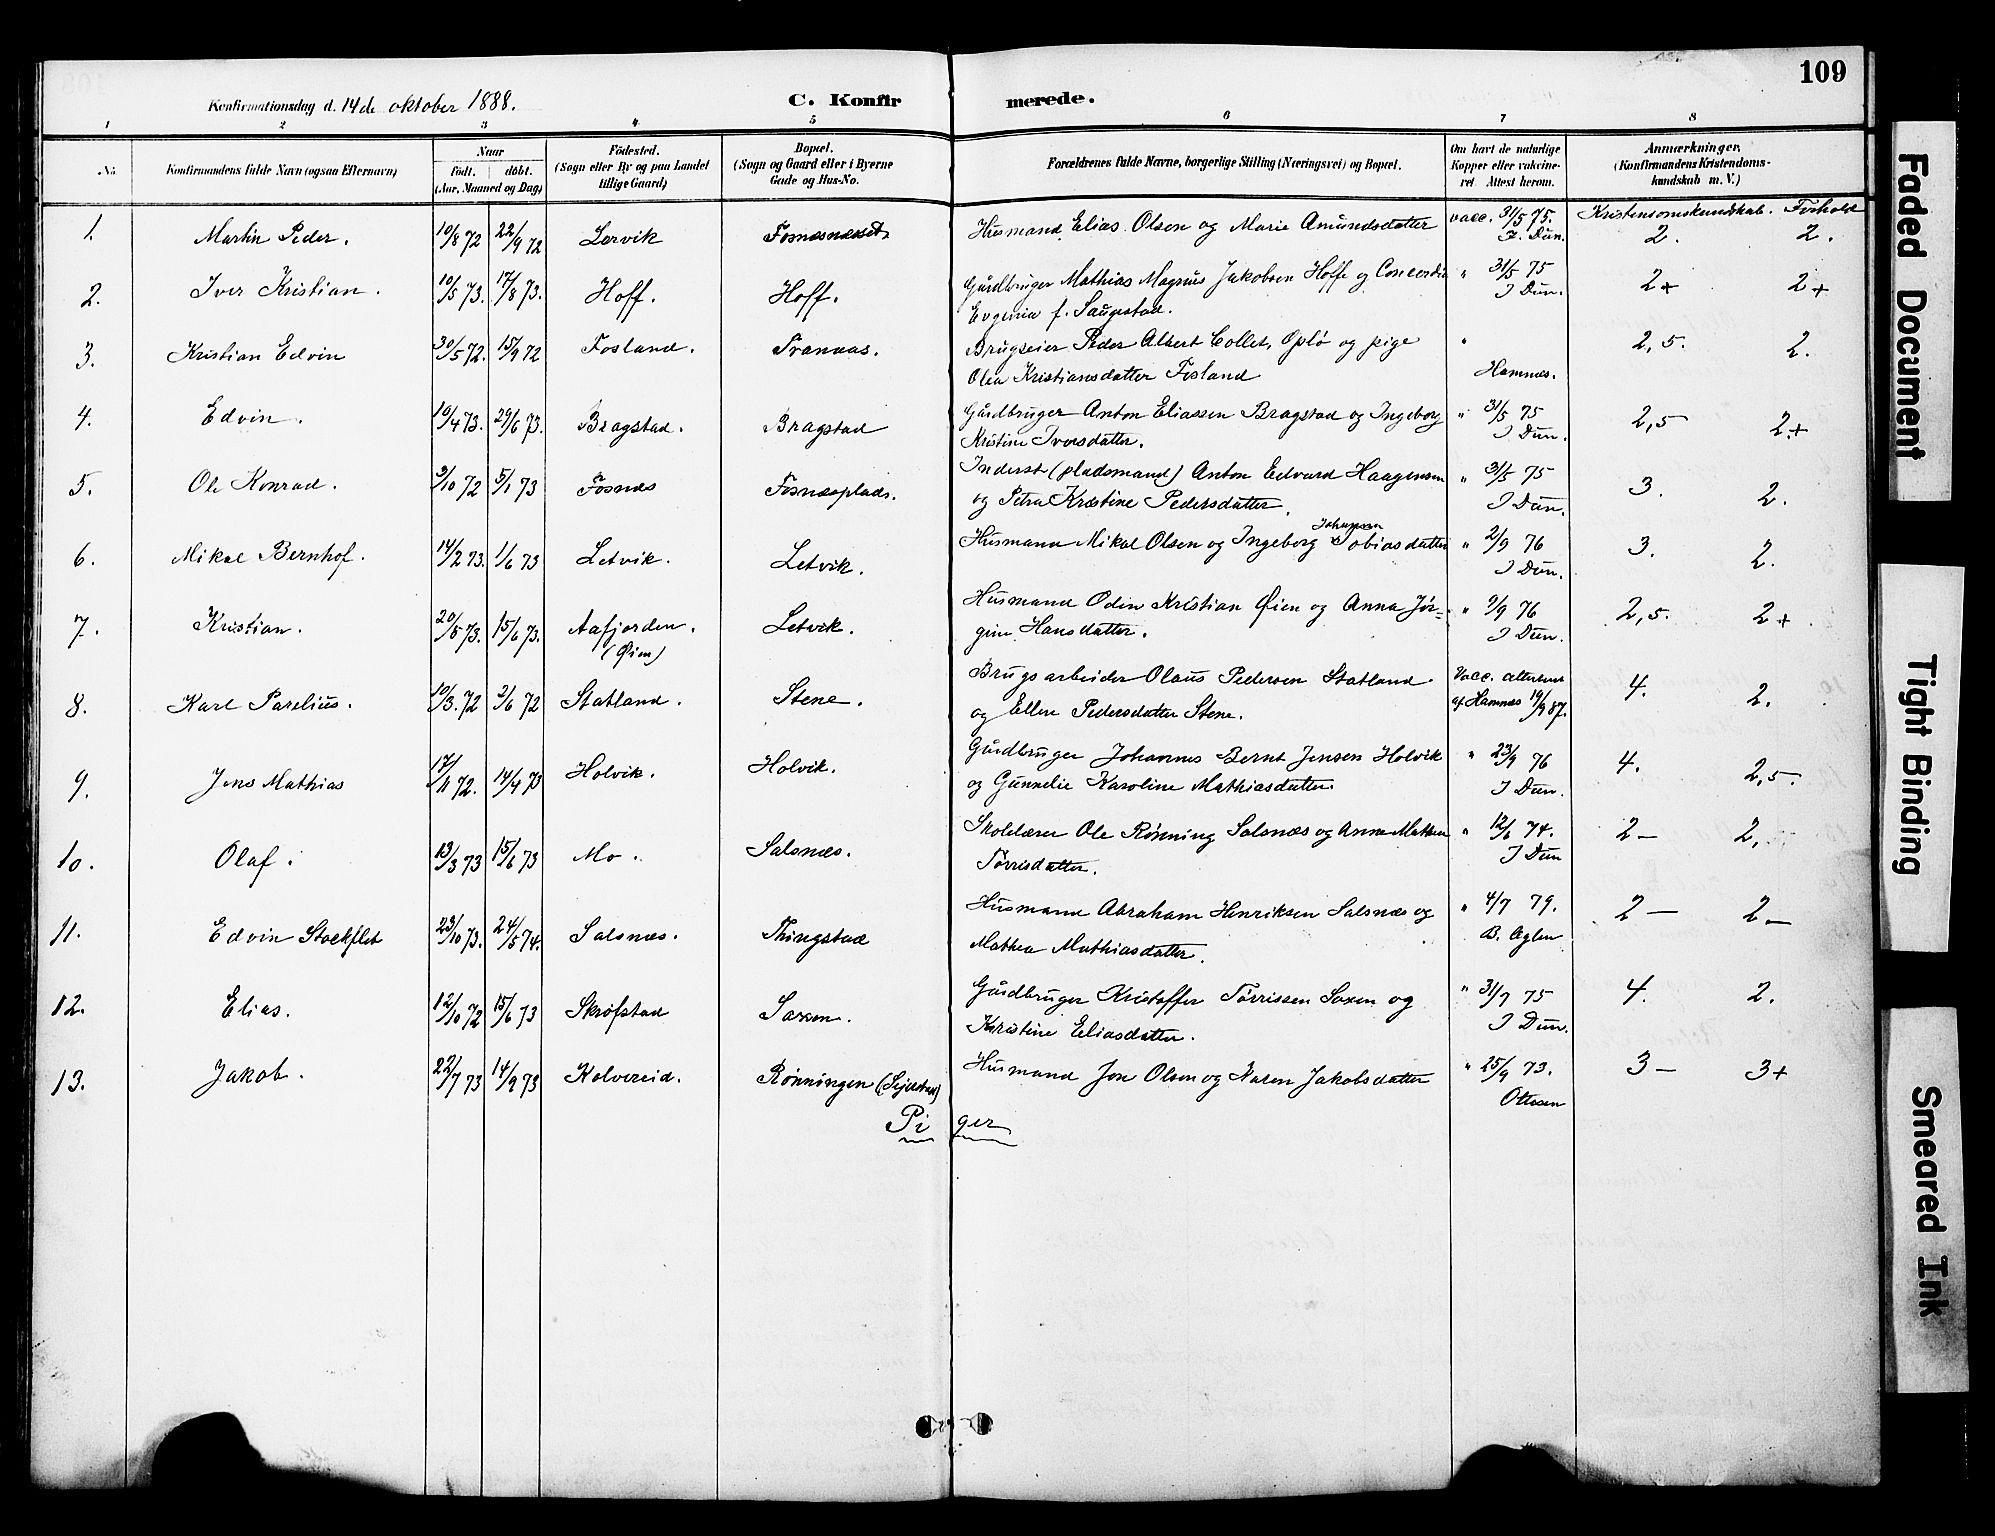 SAT, Ministerialprotokoller, klokkerbøker og fødselsregistre - Nord-Trøndelag, 774/L0628: Ministerialbok nr. 774A02, 1887-1903, s. 109